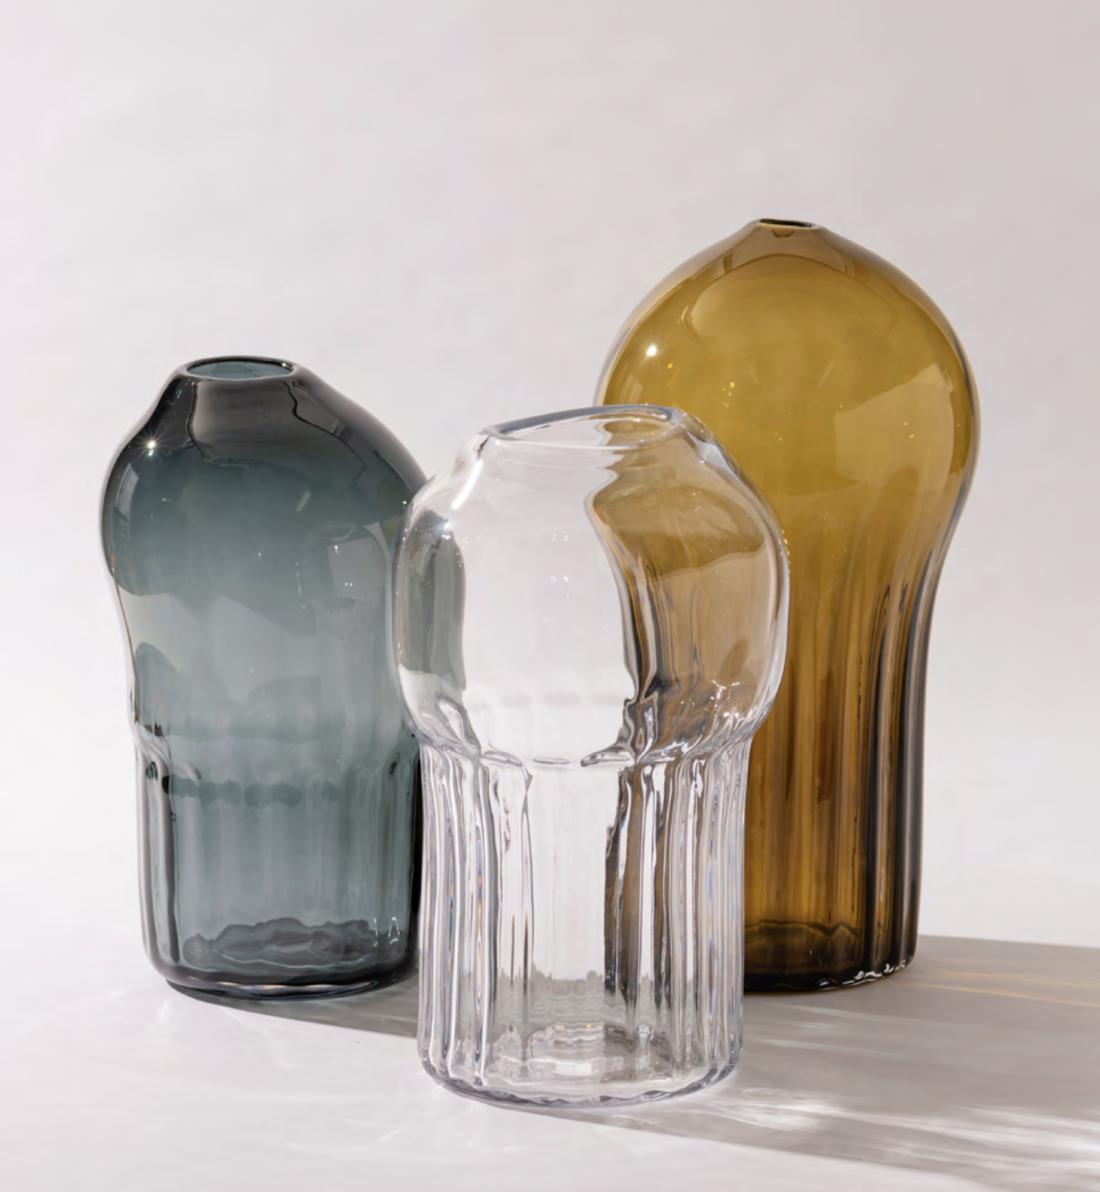 Peca Silice Vases